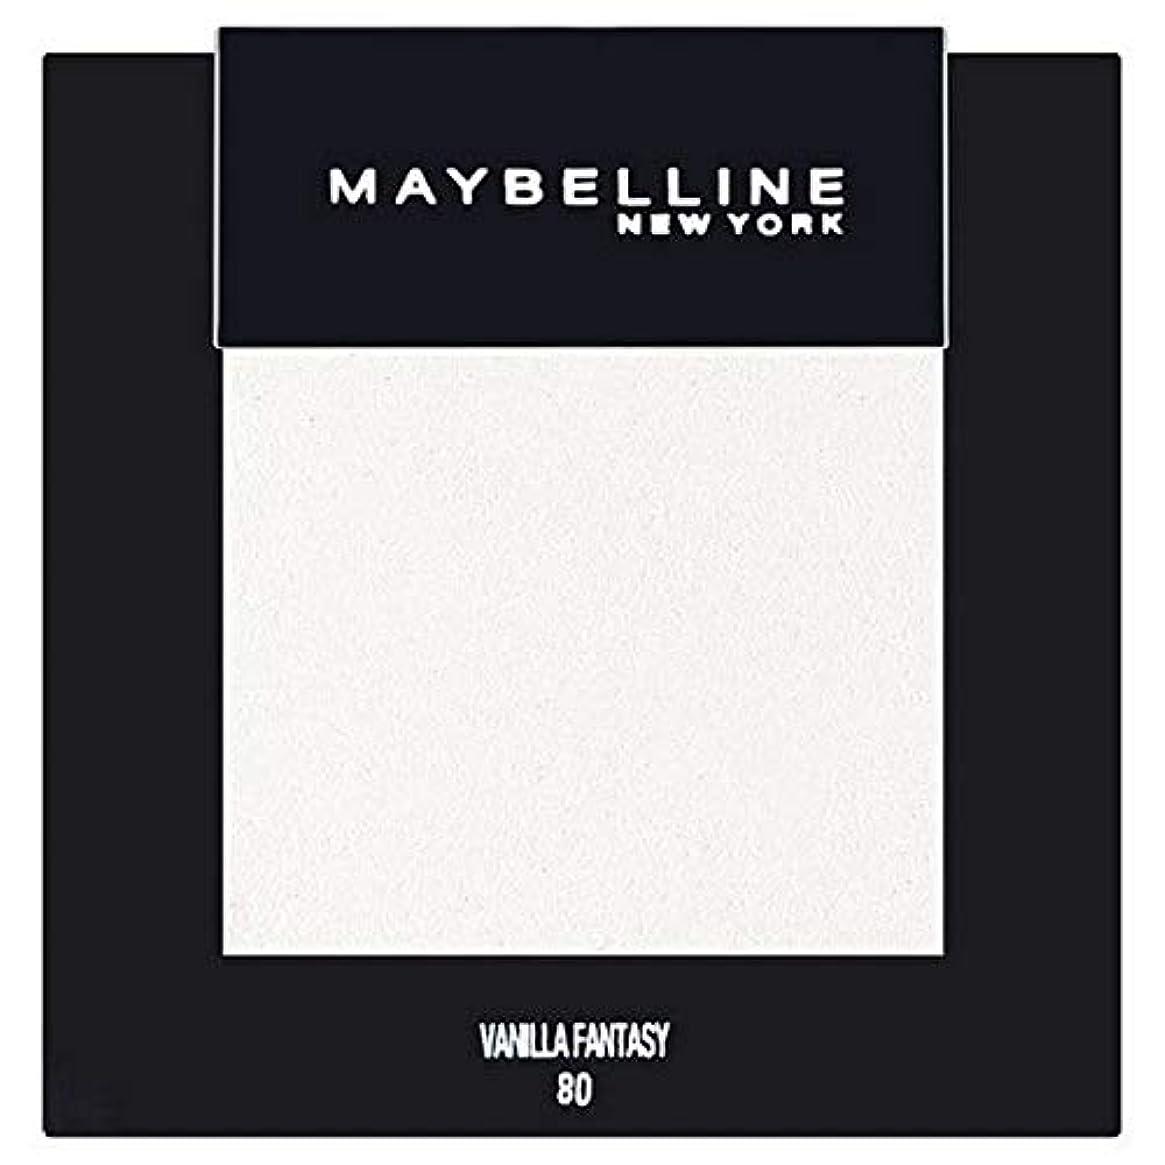 統計的嵐のサンドイッチ[Maybelline ] メイベリンカラーショーシングルアイシャドウ80バニラ - Maybelline Color Show Single Eyeshadow 80 Vanilla [並行輸入品]